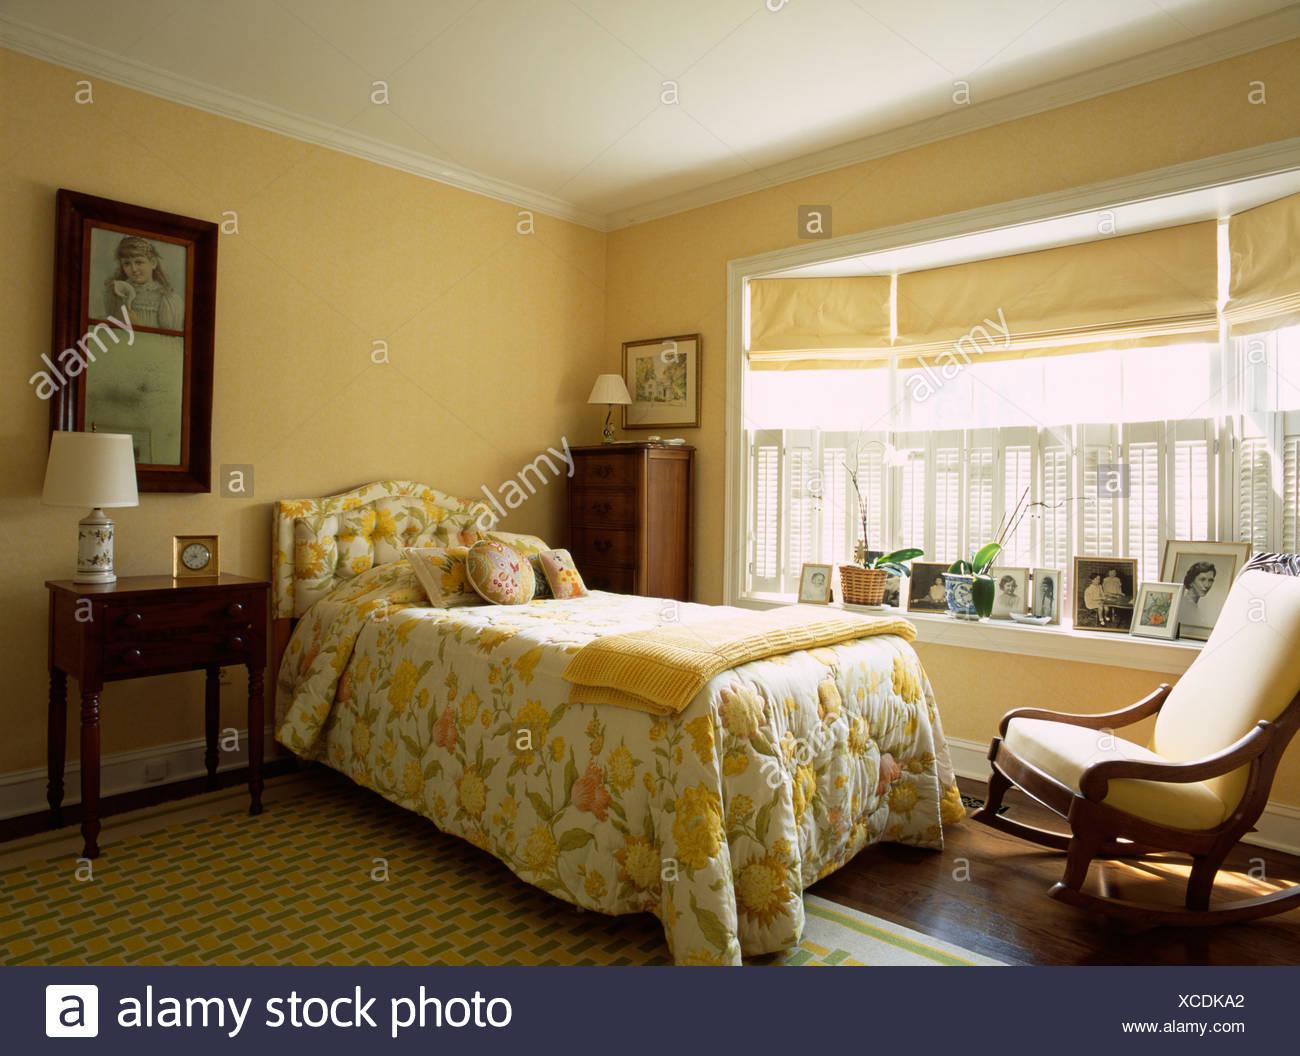 Camera Da Letto Giallo : Testata del letto in giallo bianco e nero camera da letto in